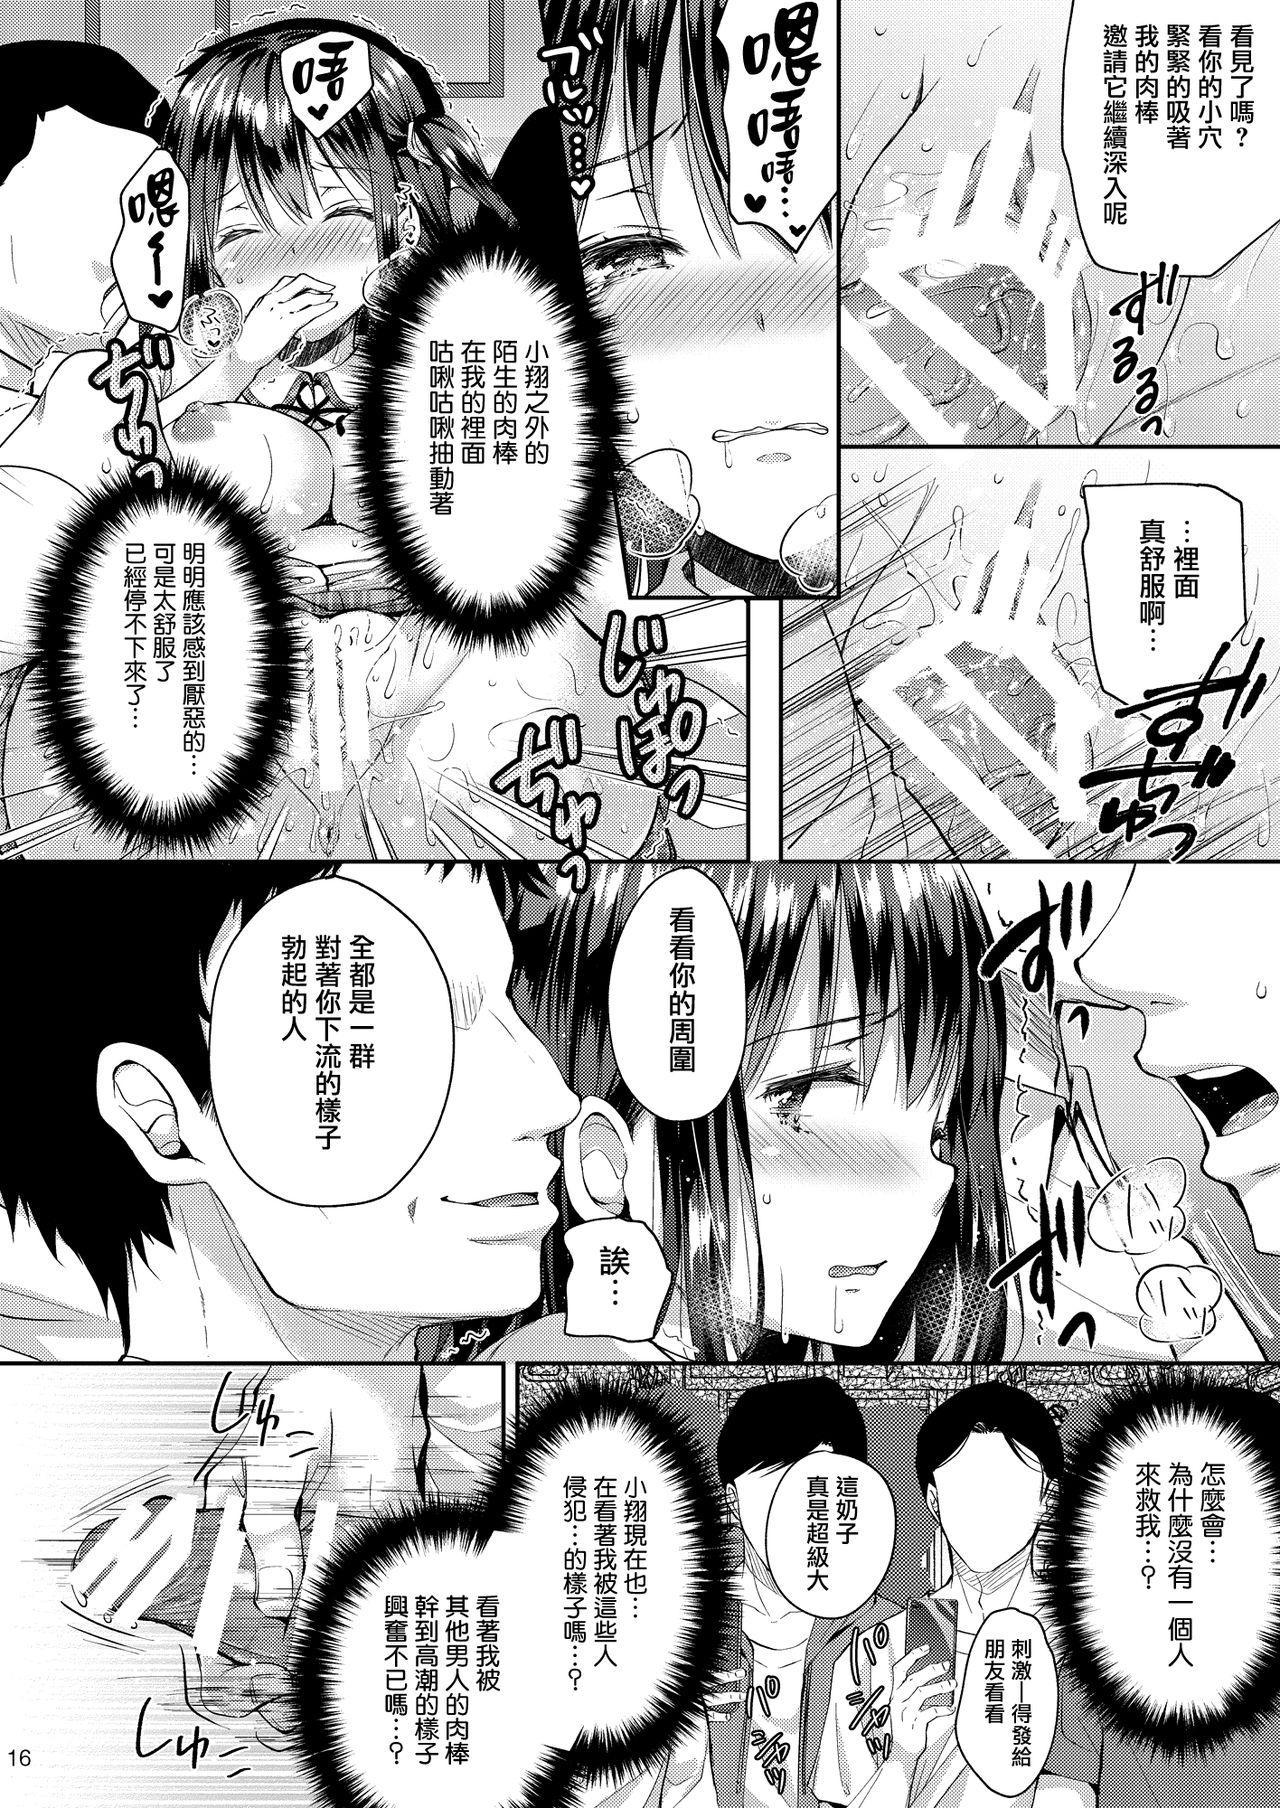 Chijoku no Chikan Densha 4 16